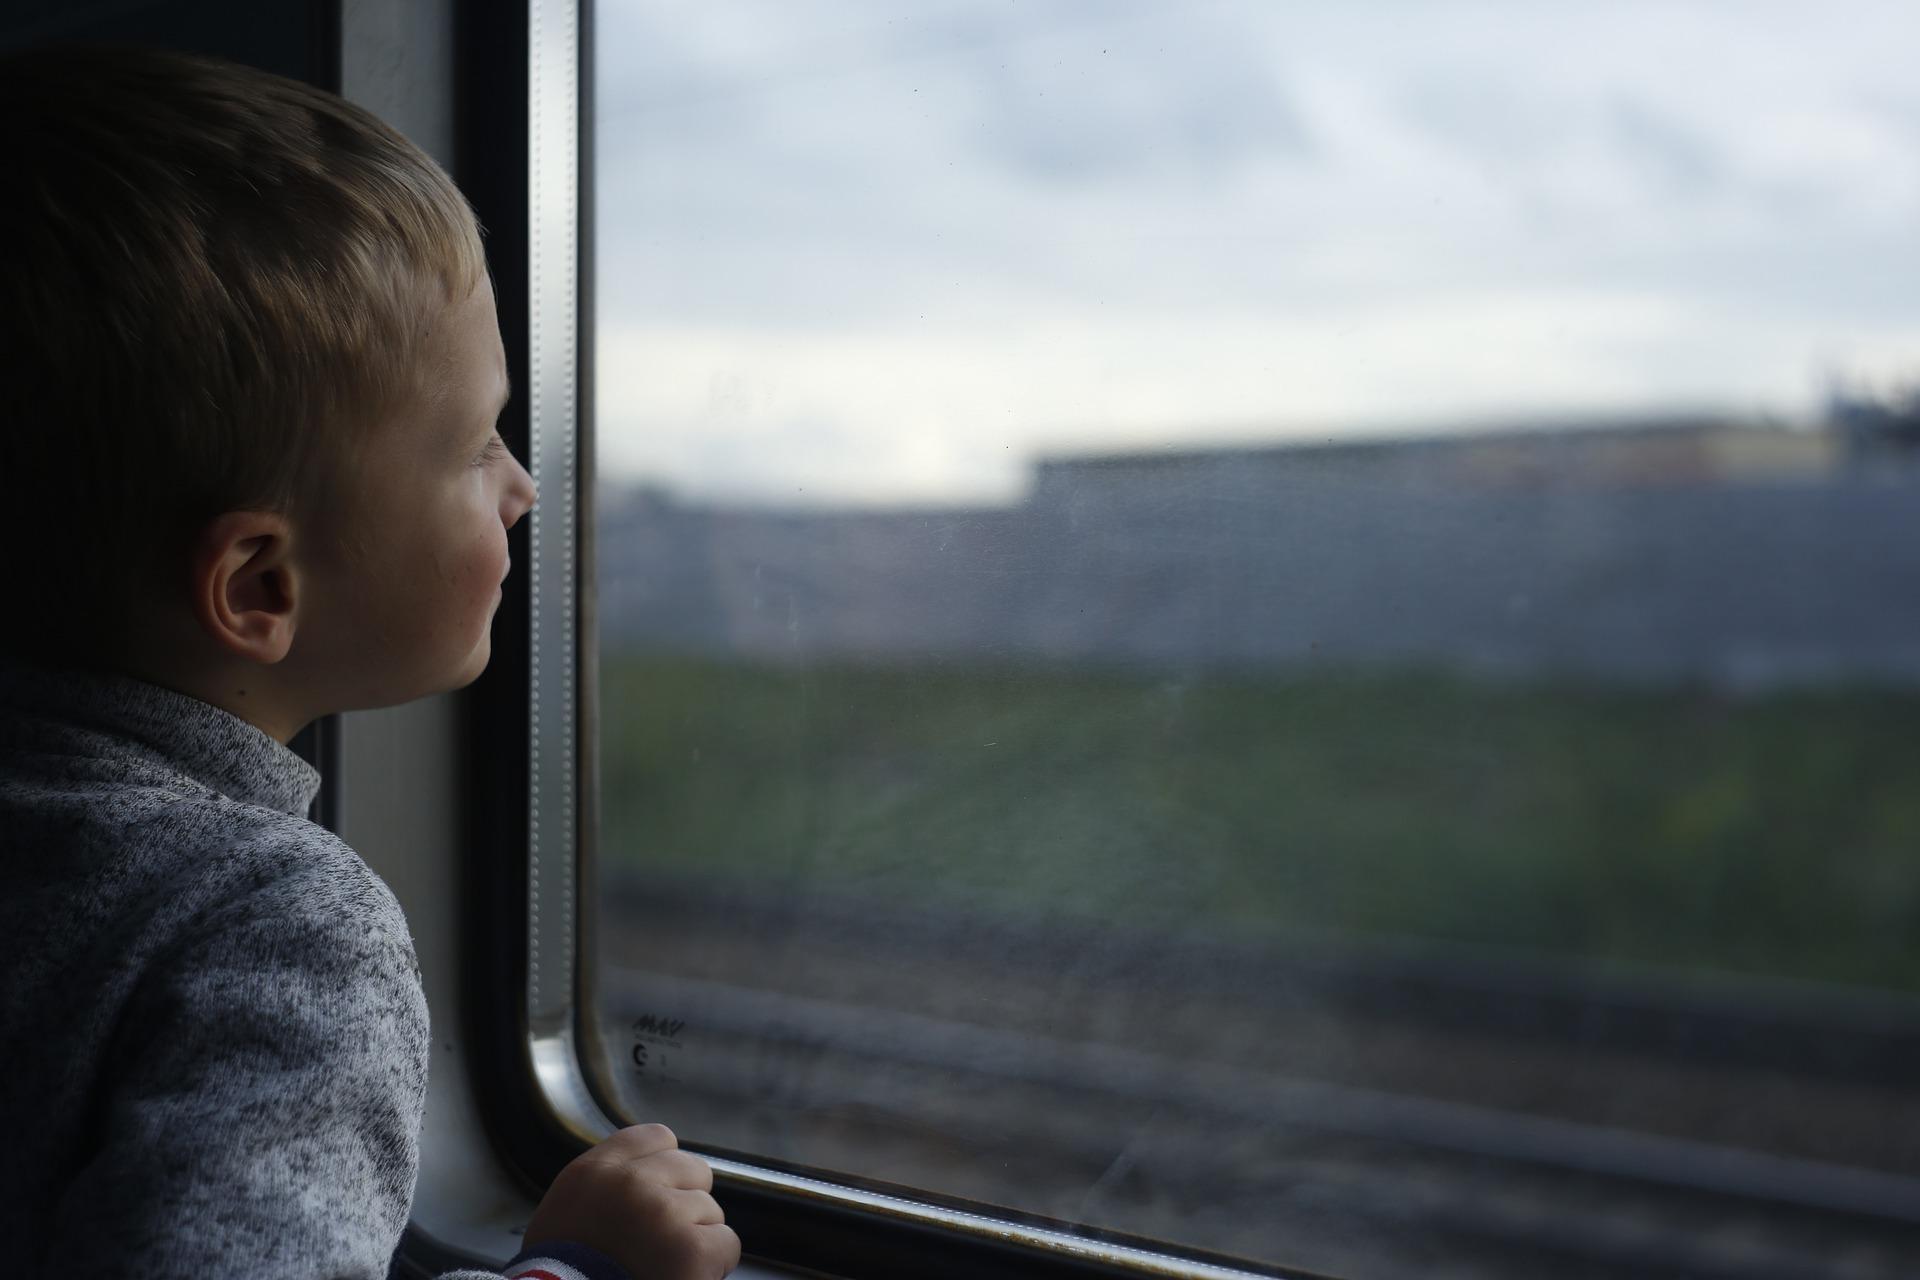 Valigia per bambini cosa portare: la guida